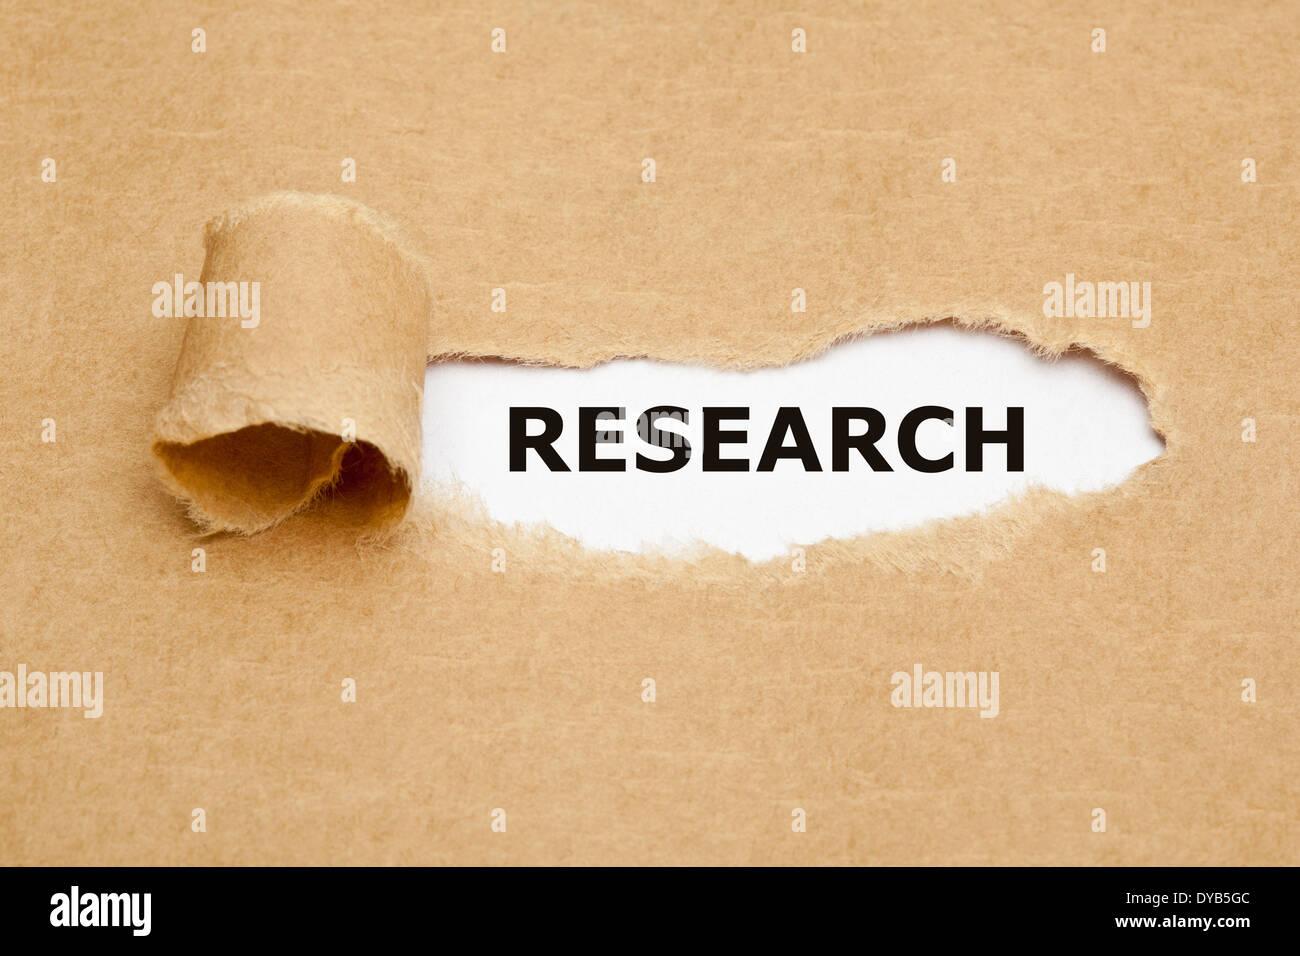 Das Wort Forschung erscheinen hinter braunes Papier zerrissen. Stockbild